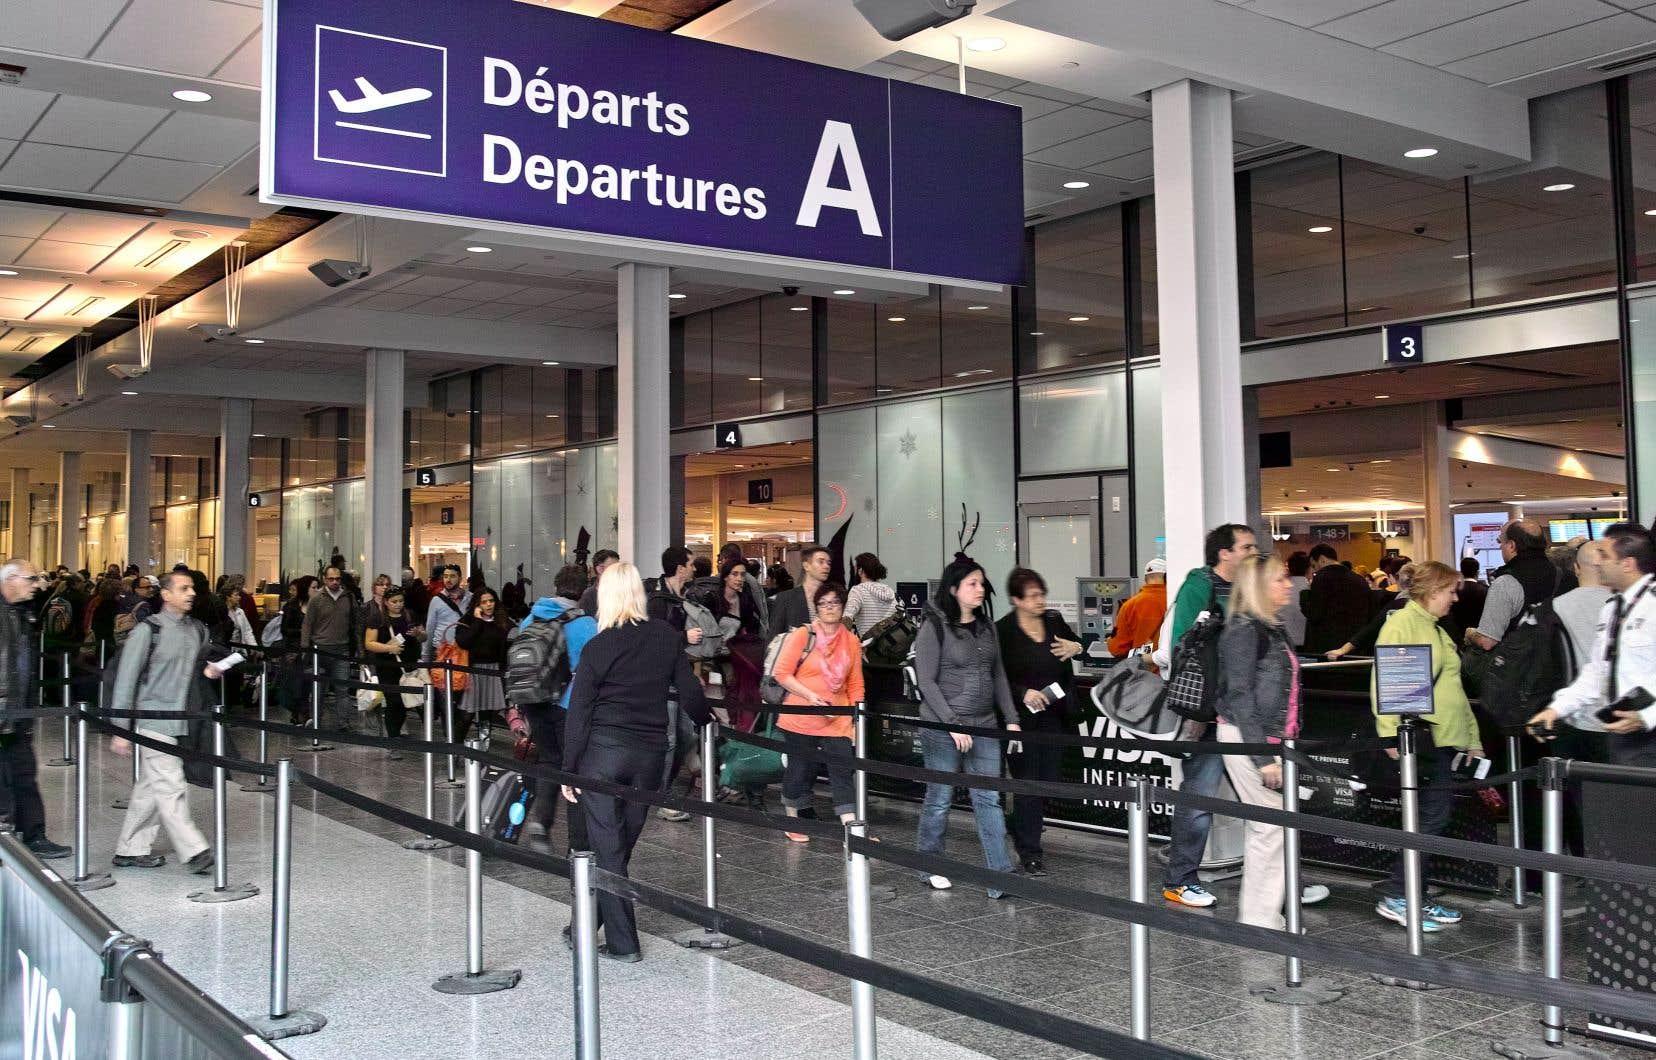 Les dépenses d'exploitation ont également bondi, résultat des améliorations apportées à l'aéroport Montréal-Trudeau.